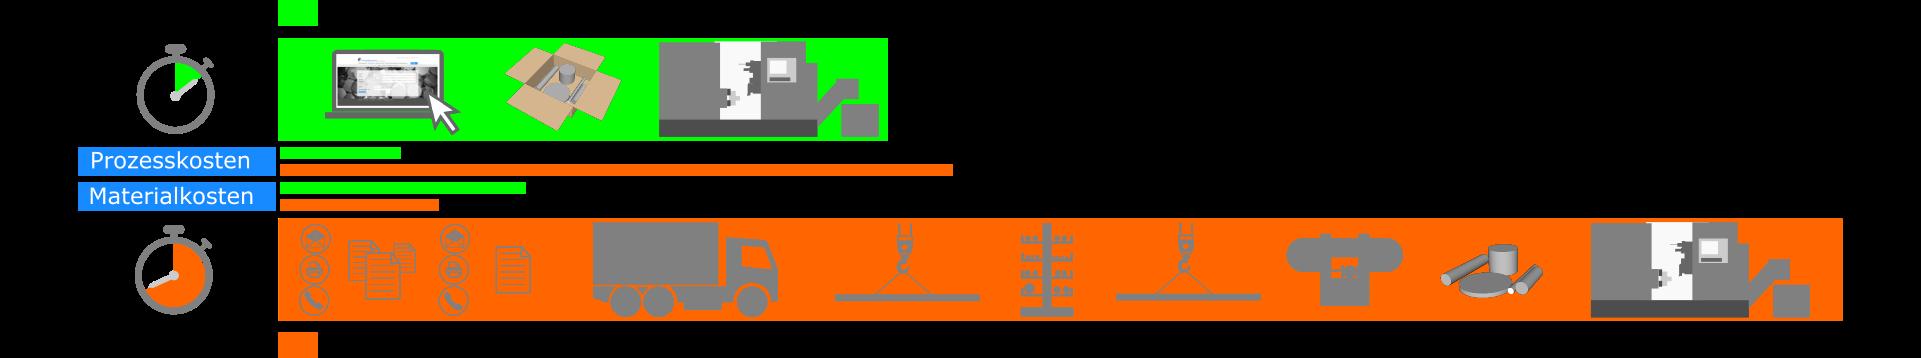 Vorteile im Beschaffungsprozess über metallzuschnitte-online.de